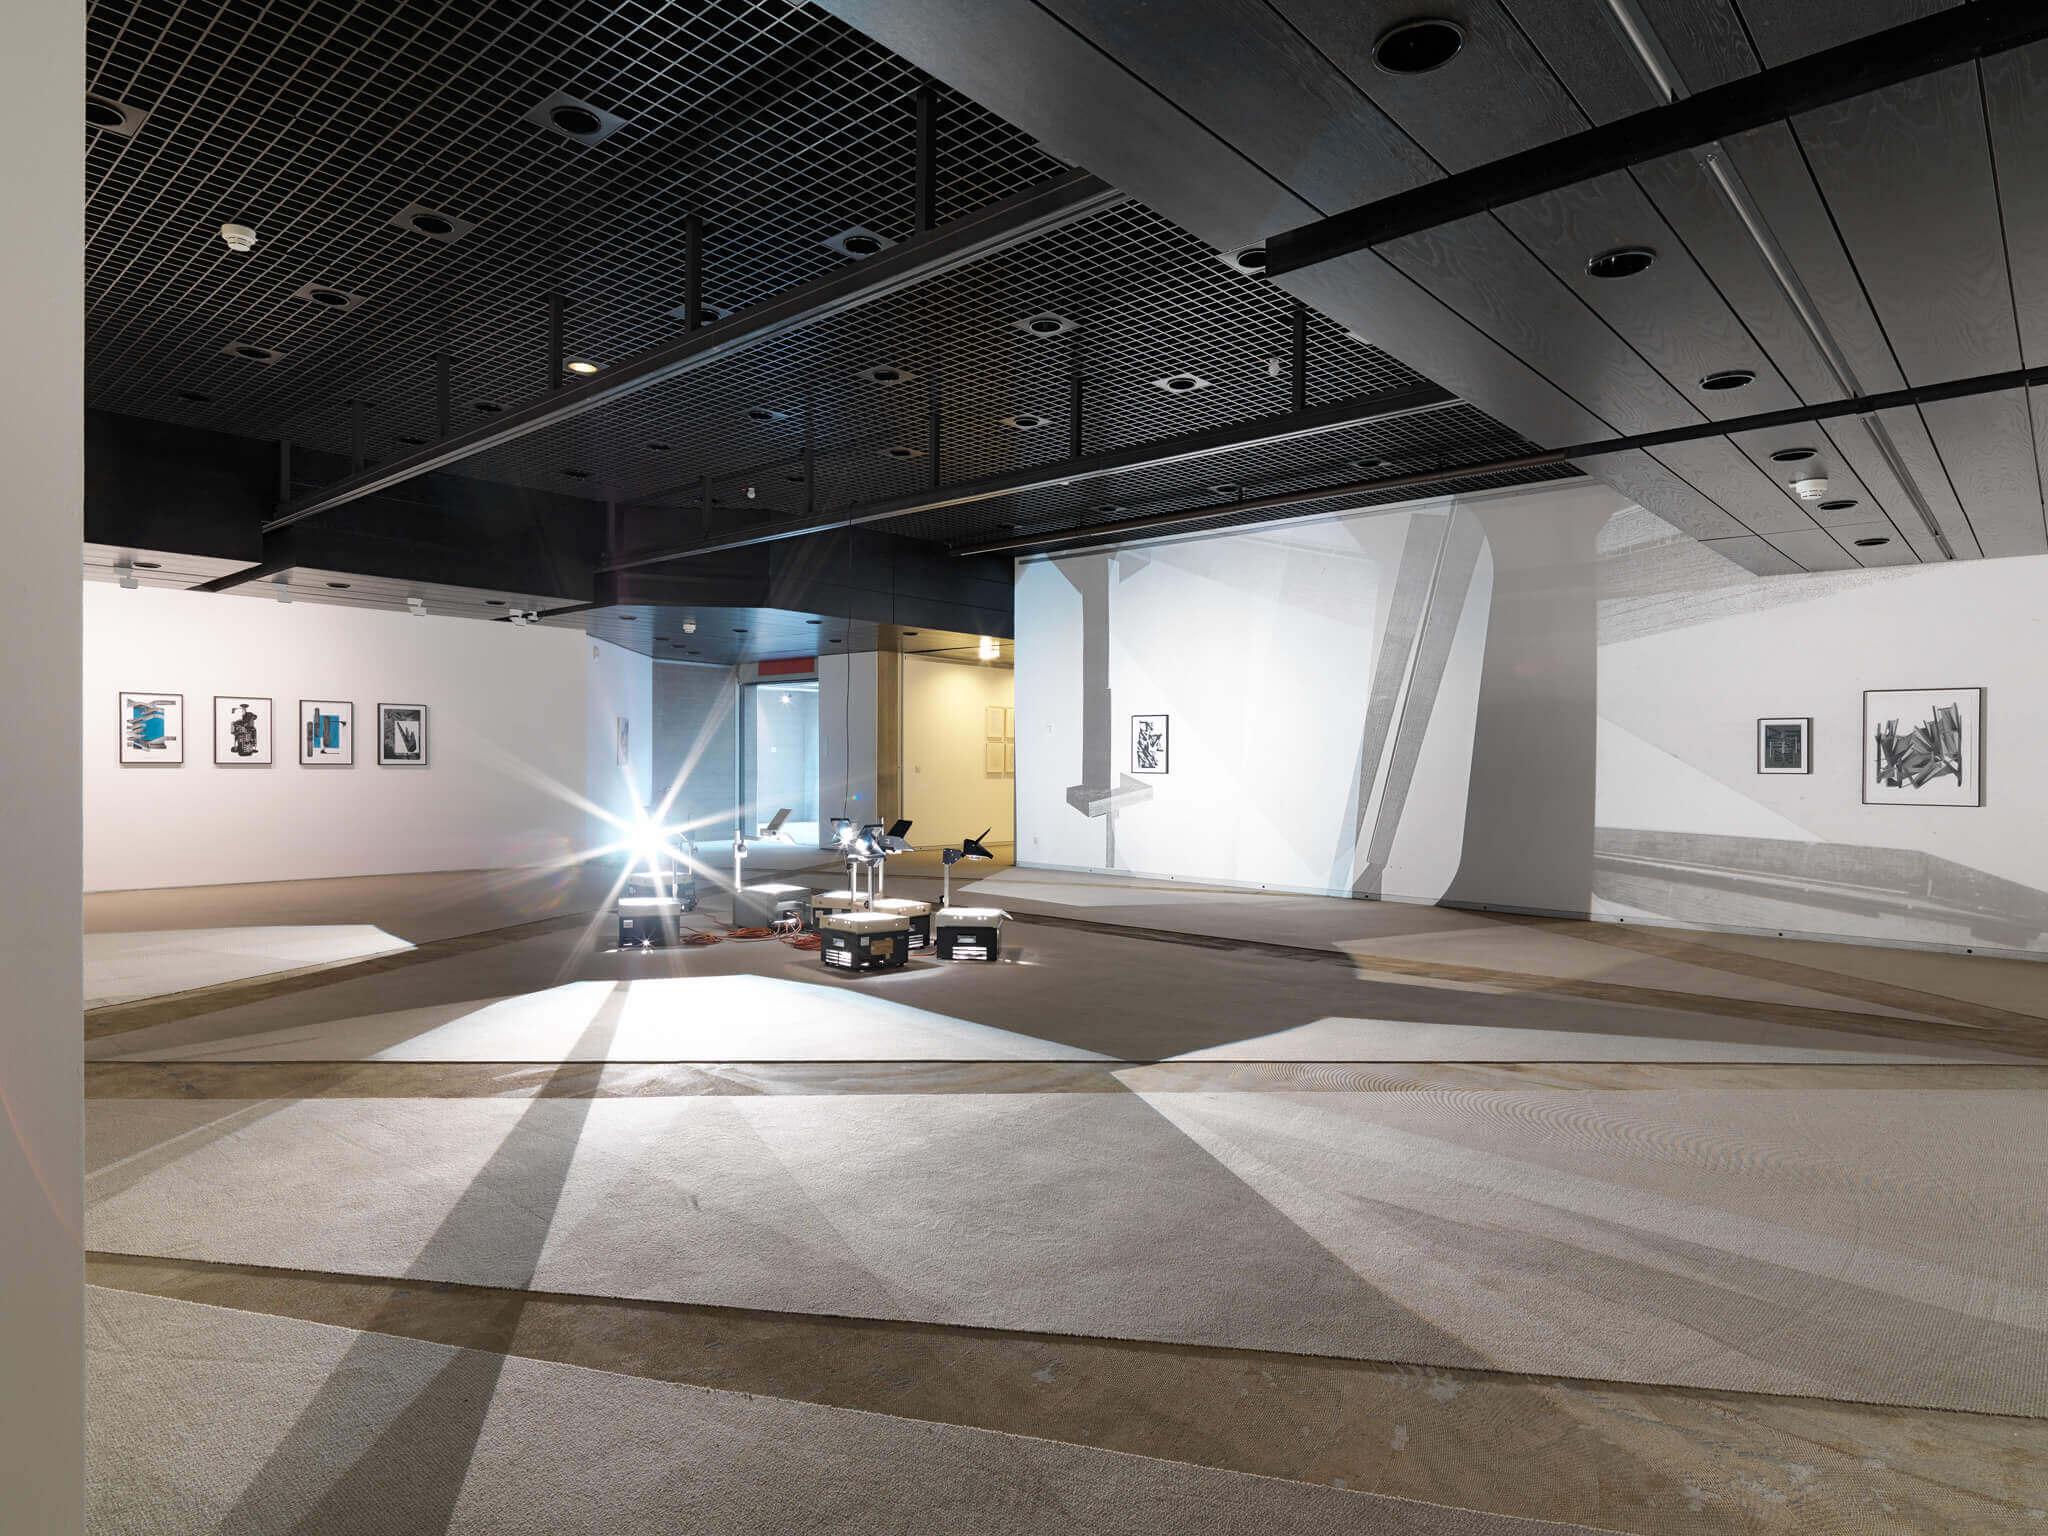 56_Frauke Dannert_Installation_Viermal Neues auf Papier_2015_Sprengel Museum Hannover